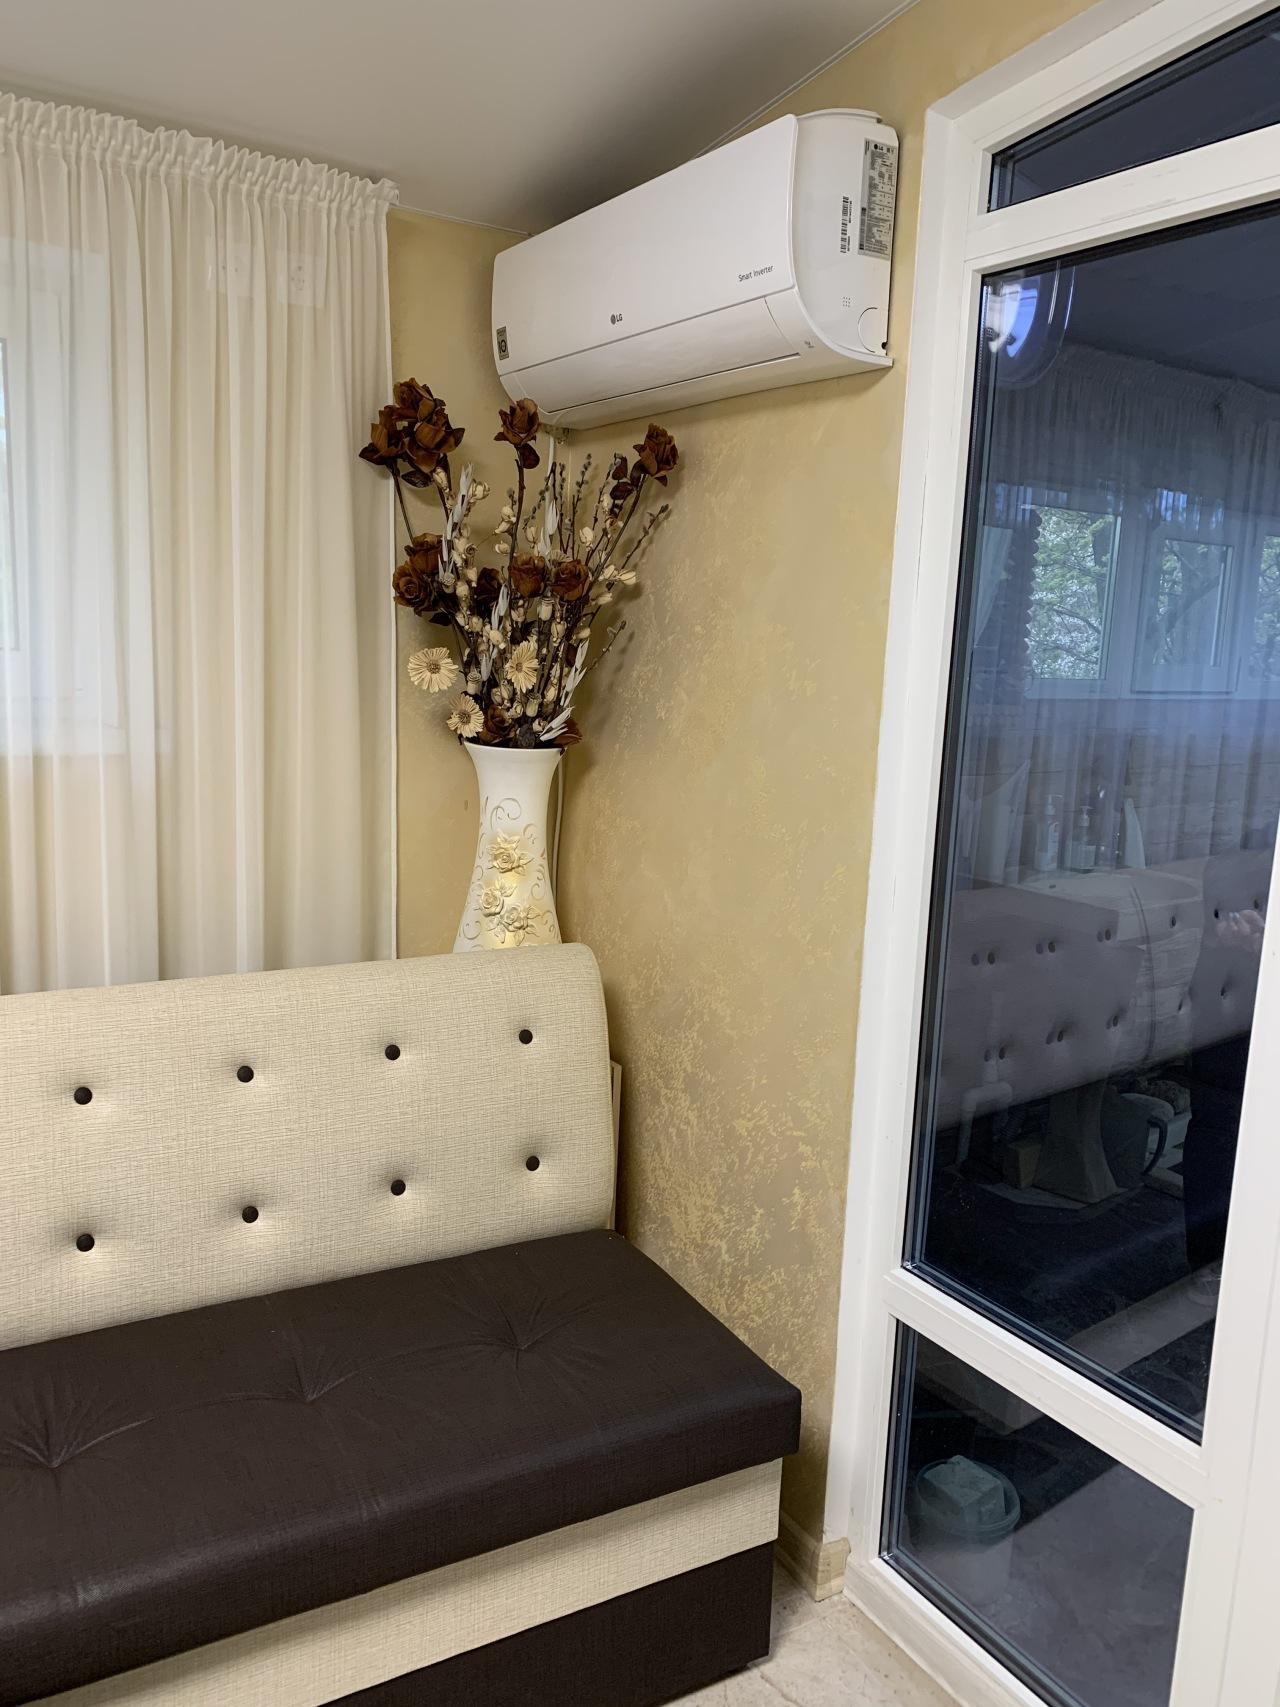 Летняя комната отдыха, предбанник - Rivedil Sahara Oro Fino